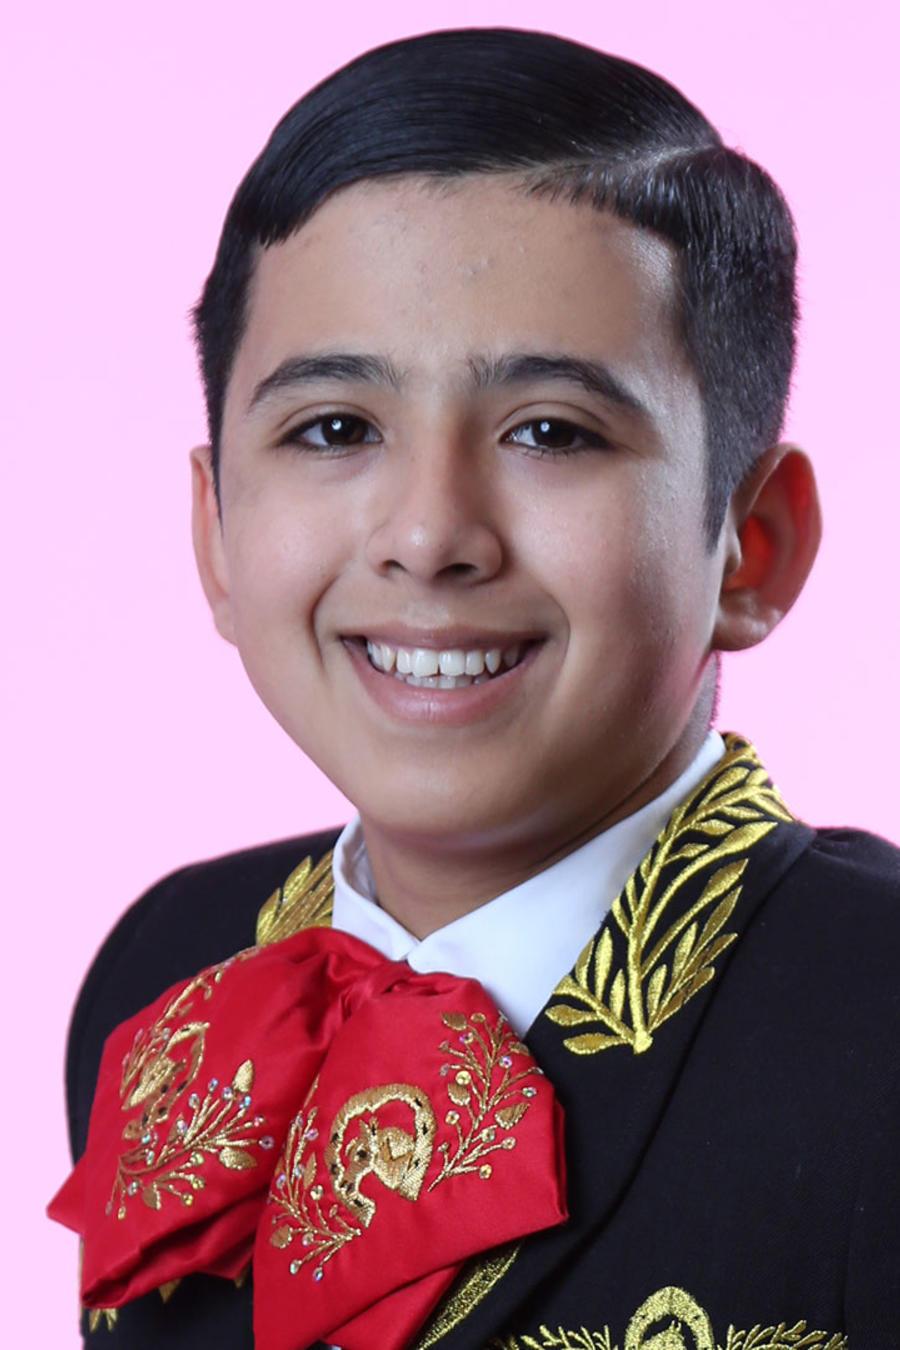 Tristan Ramirez del Team Pedro en La Voz Kids